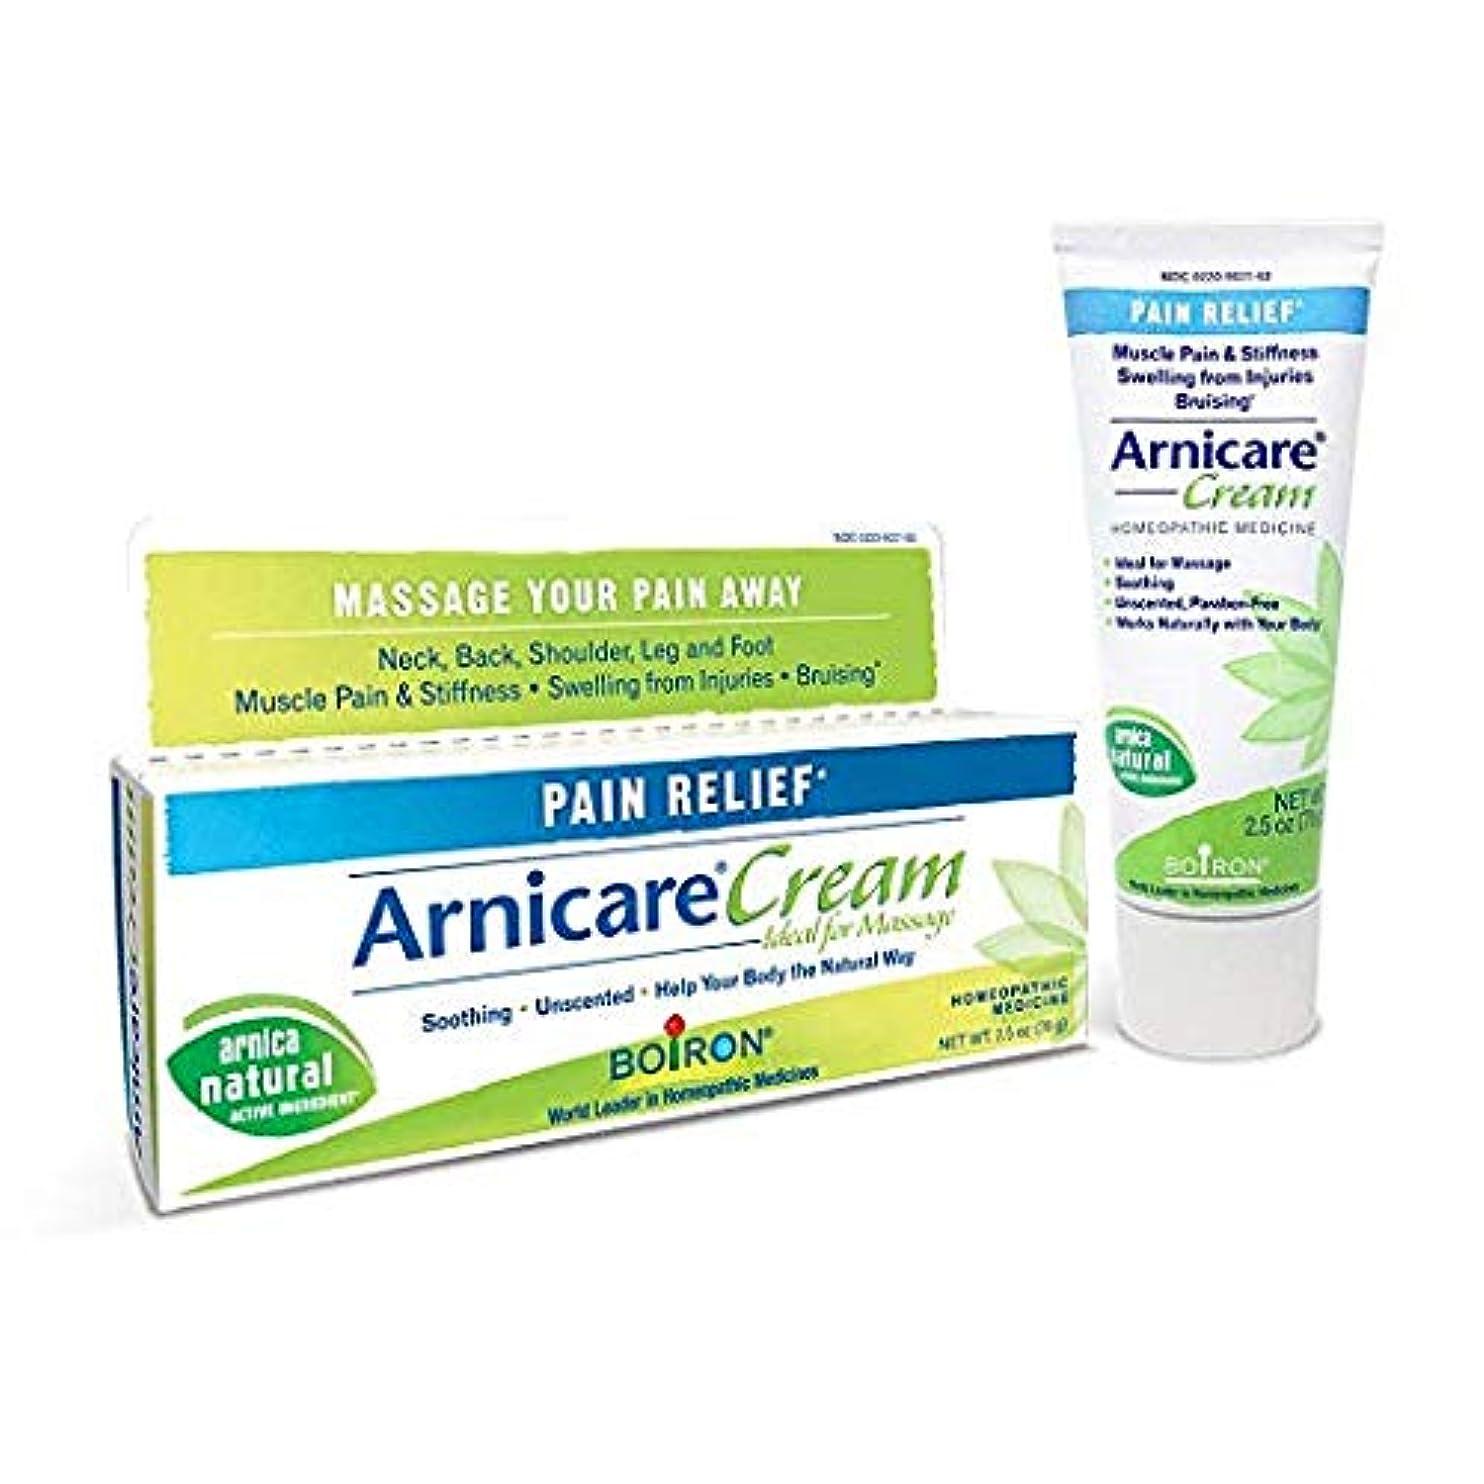 ローラー急ぐハイキングボイロン アルニカクリーム Boiron Arnicare Cream 2.5 Ounces Topical Pain Relief Cream [並行輸入品]